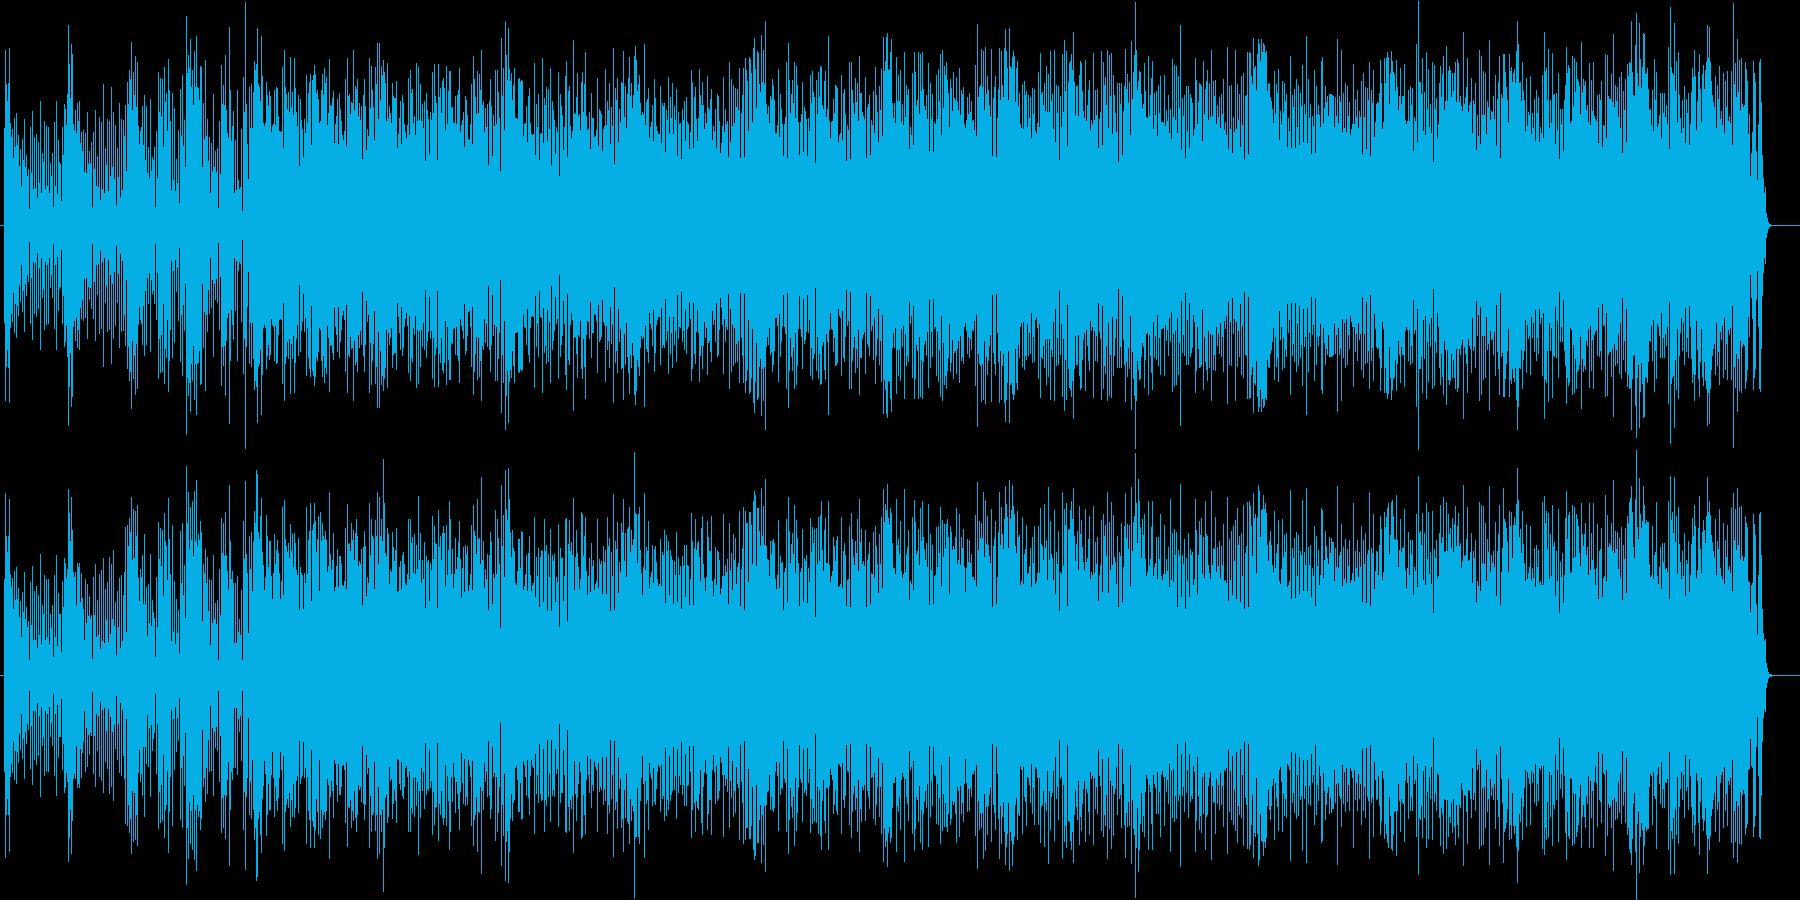 疾走感と躍動感のあるドラムとシンセの曲の再生済みの波形